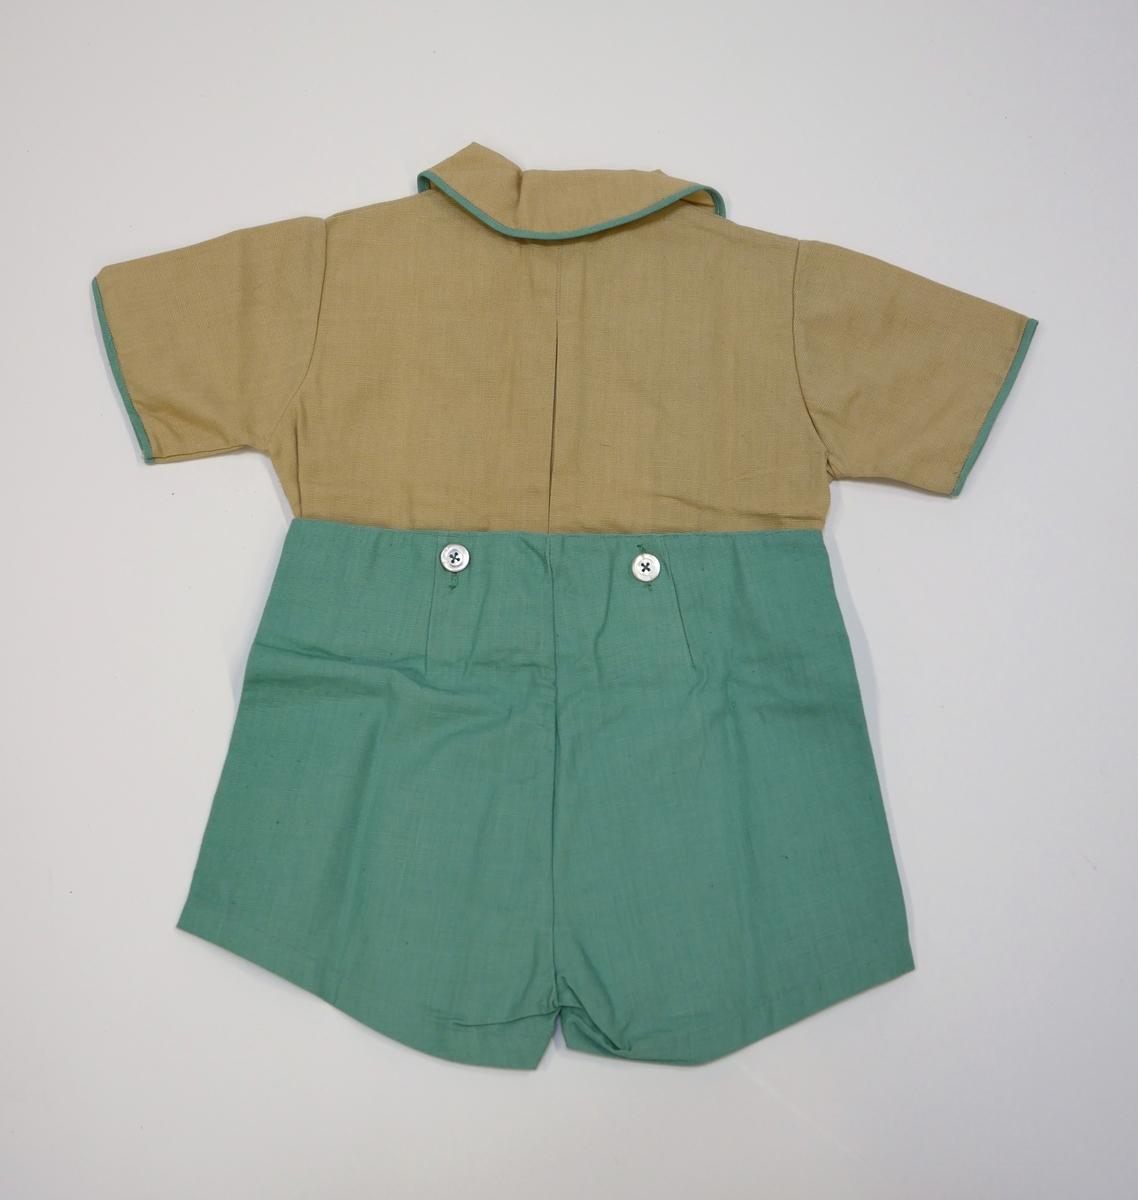 En barndräkt, från 1940-50 tal, bestående av över- och underdel som knäpps ihop i midjan. Överdelen är av skjortmodell med knäppning i halsen och dekorerad med detaljer i turkos samt knappar på bröstet. Underdelen är ett par shorts i turkos. Den oanvända dräkten funnen i Brita Ekwalls hem efter hennes död i december 1993. Brita Ekwall föddes i april 1916 som ett av fyra barn till Alma Augusta Cecilia Gustavsson och Gustav Nikolaus Ekwall, boende på Västgötagatan i Alingsås. Brita Ekwall gifte sig aldrig och levde kvar i sitt barndomshem hela livet.